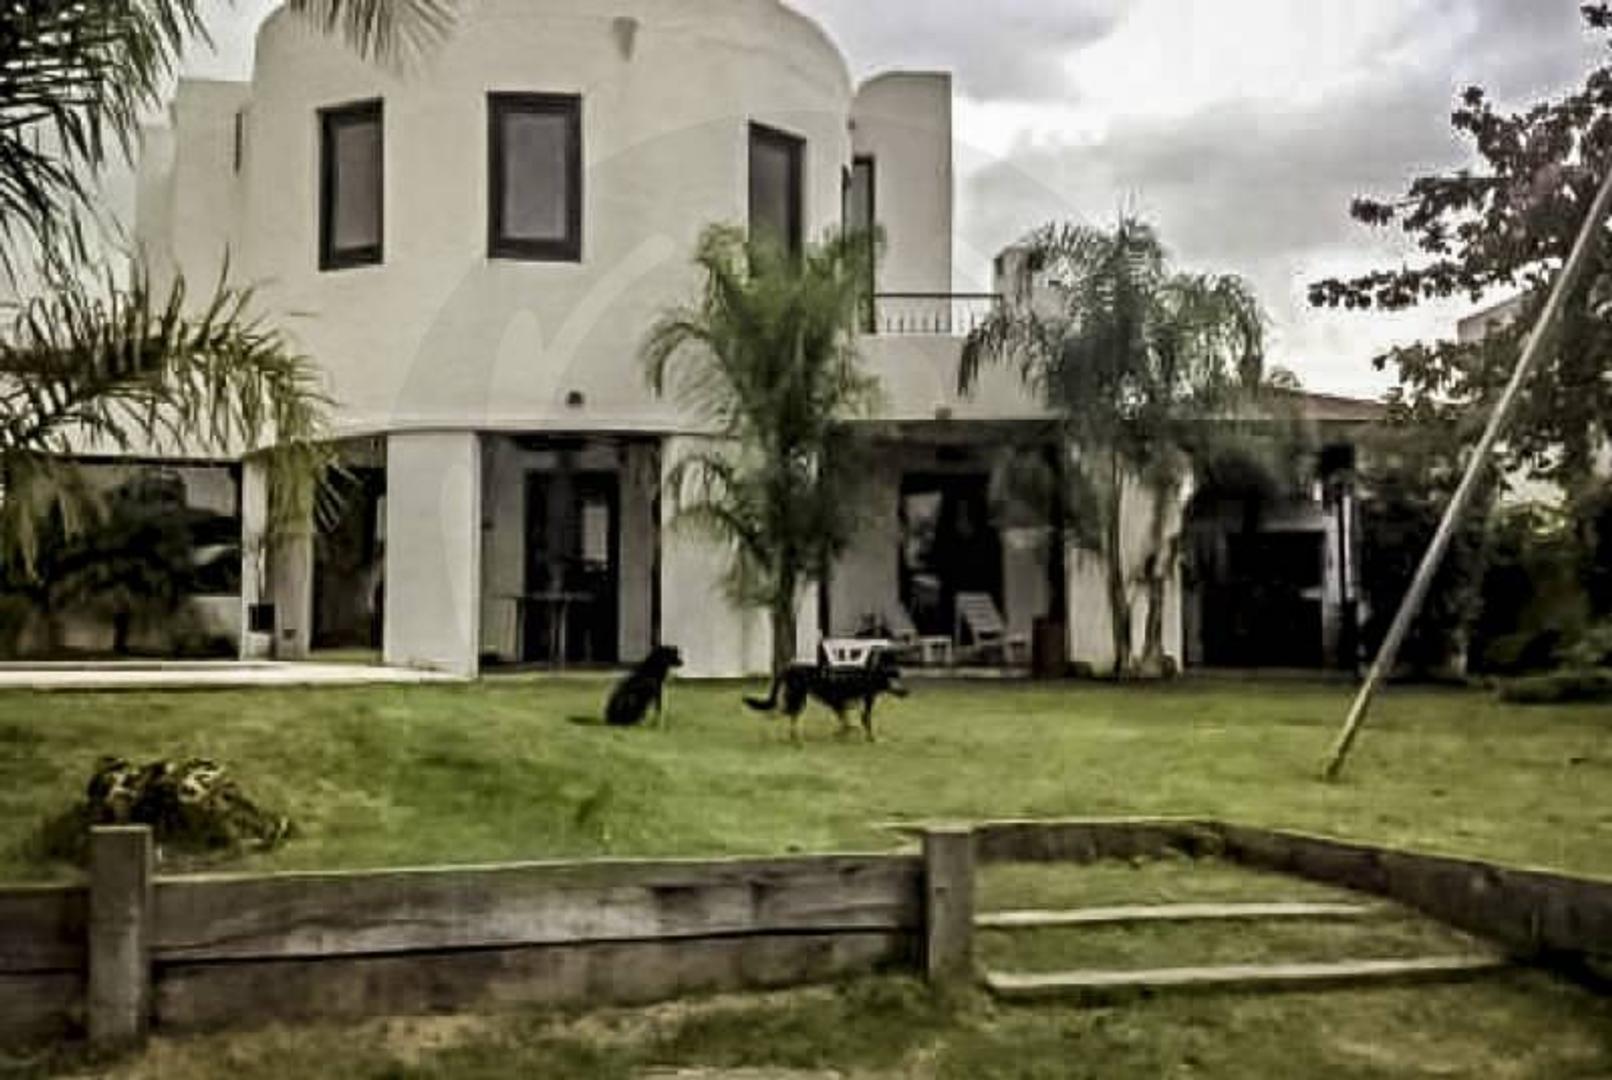 BUSTAMANTE PROPIEDADES - SAN MARCO - 7643 Venta Casa